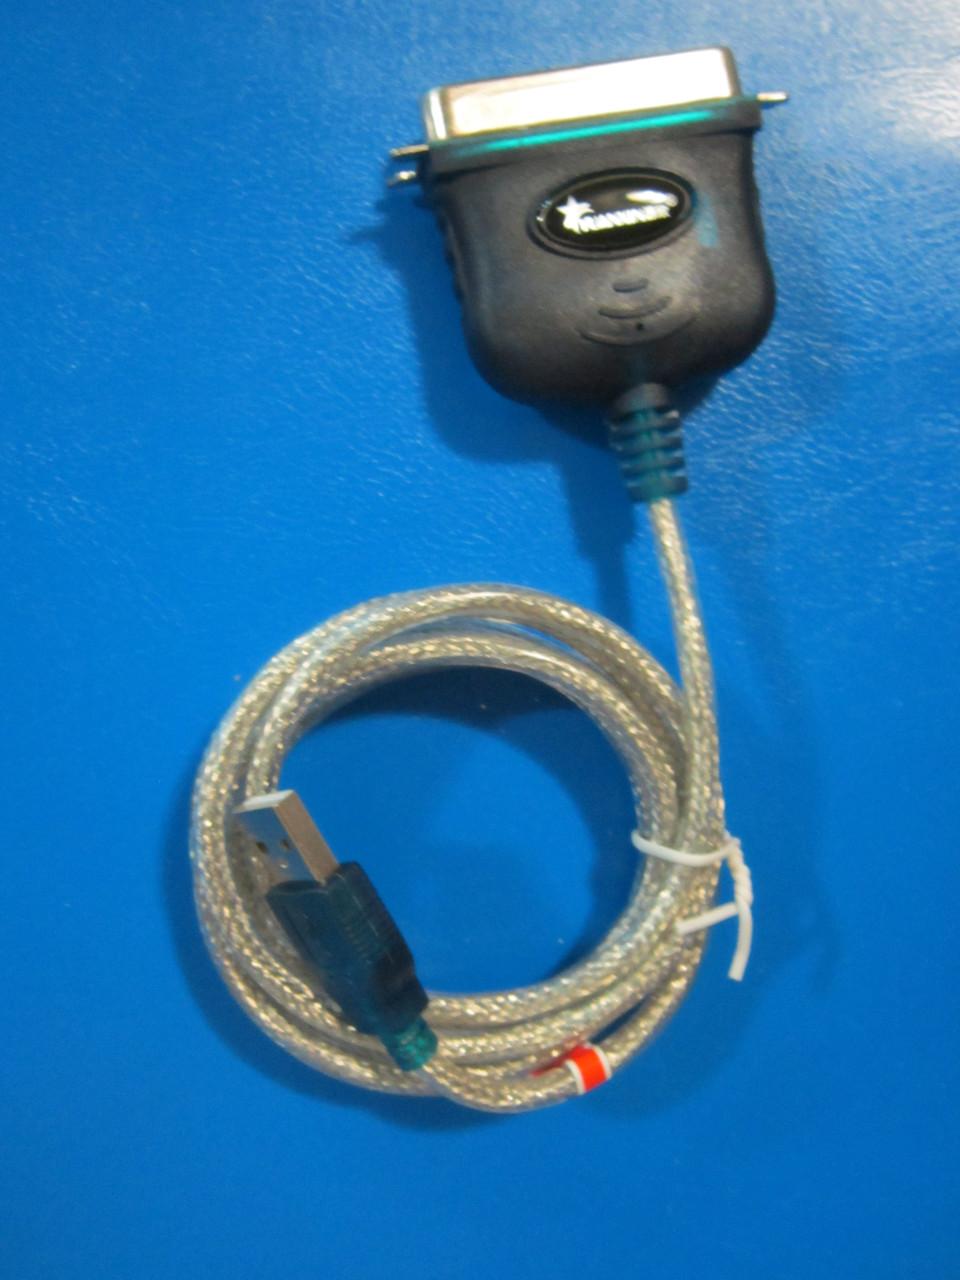 Адаптер (переходник) USB - LPT port, USB 2.0 - фото 2